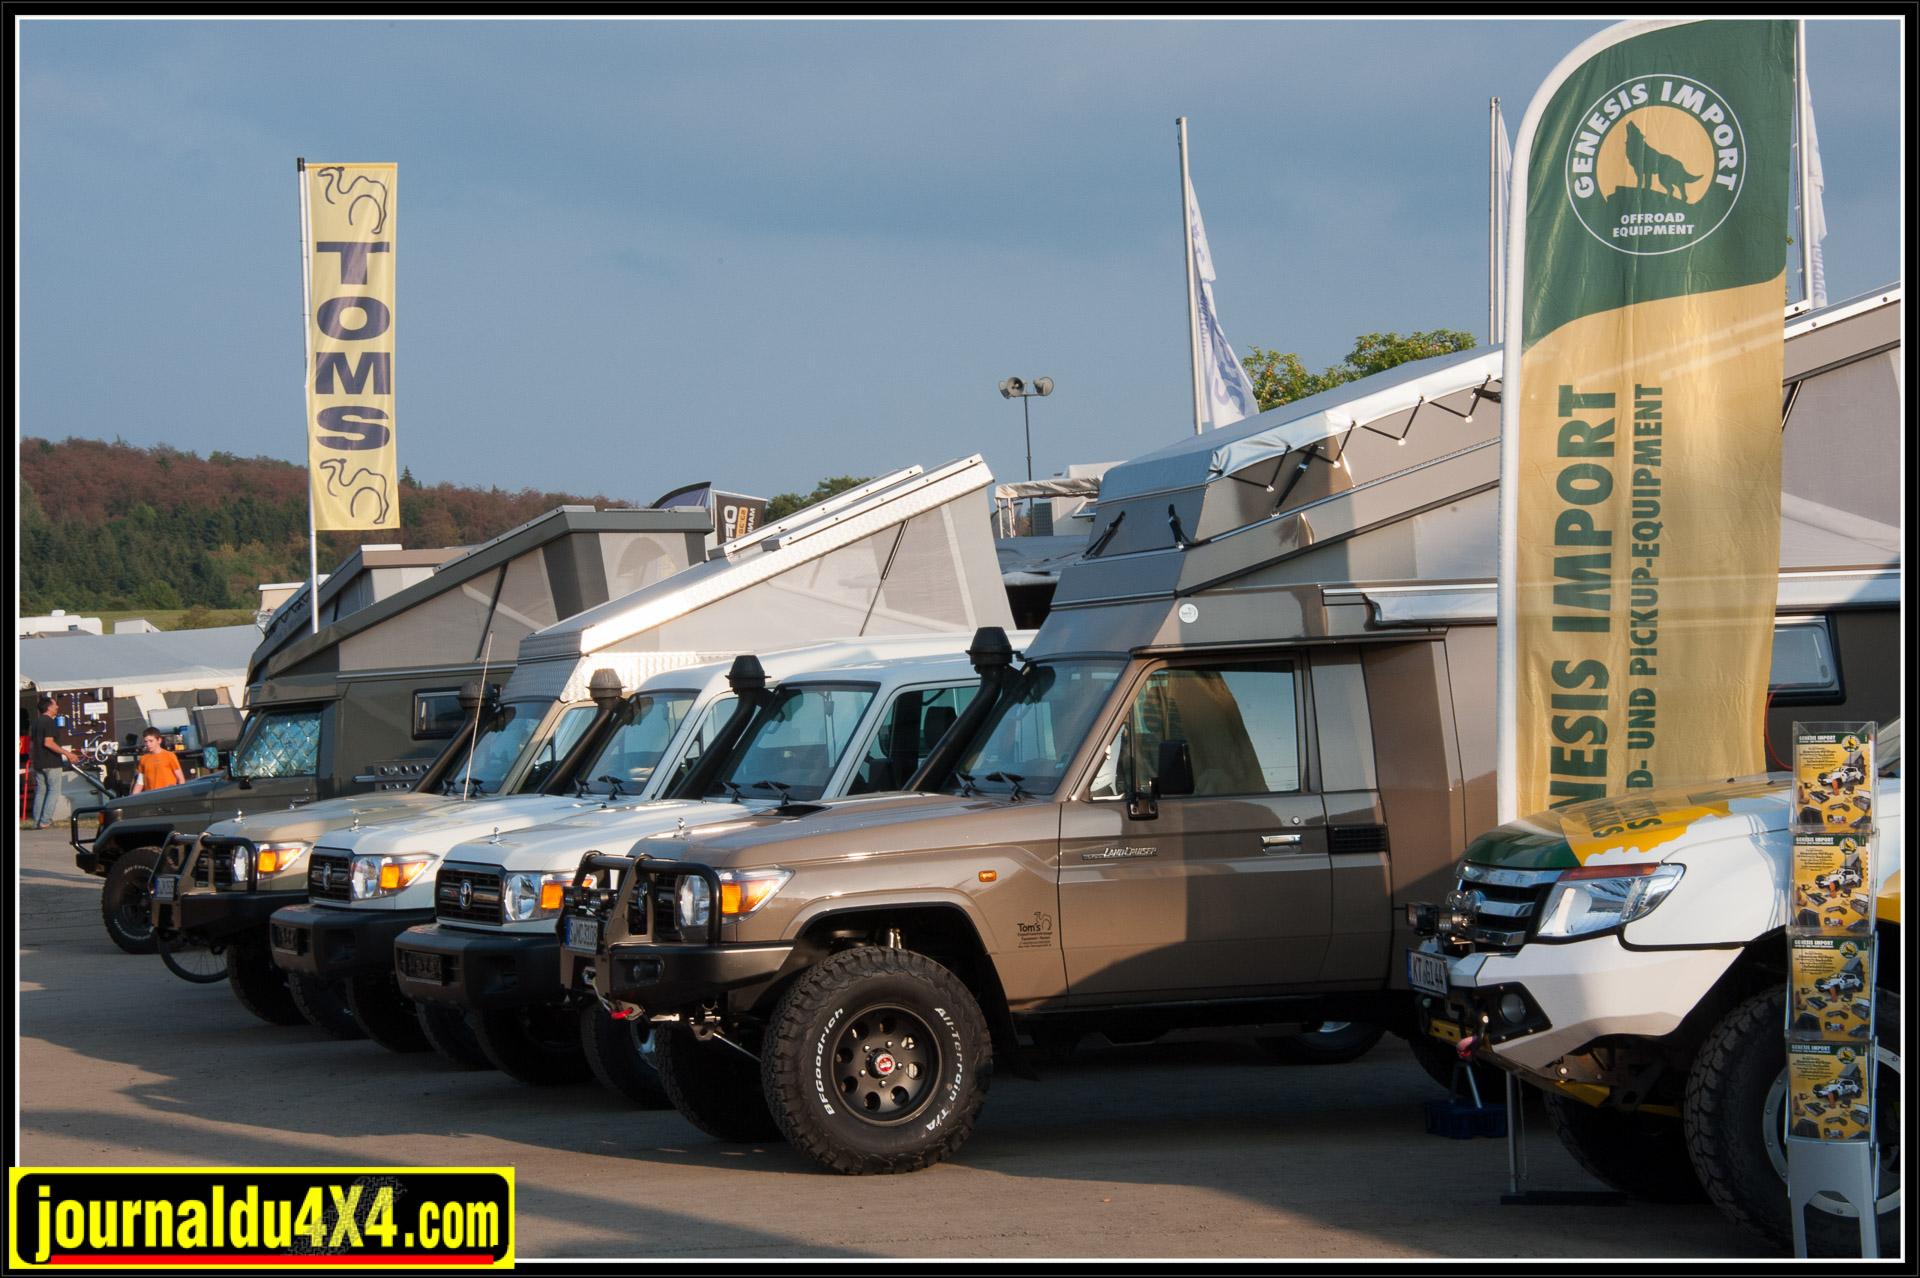 Tom est venu avec de nombreux véhicules tout équipés pour un voyage autour du monde. La base des réalisations reste le HZJ 78 ou 79.